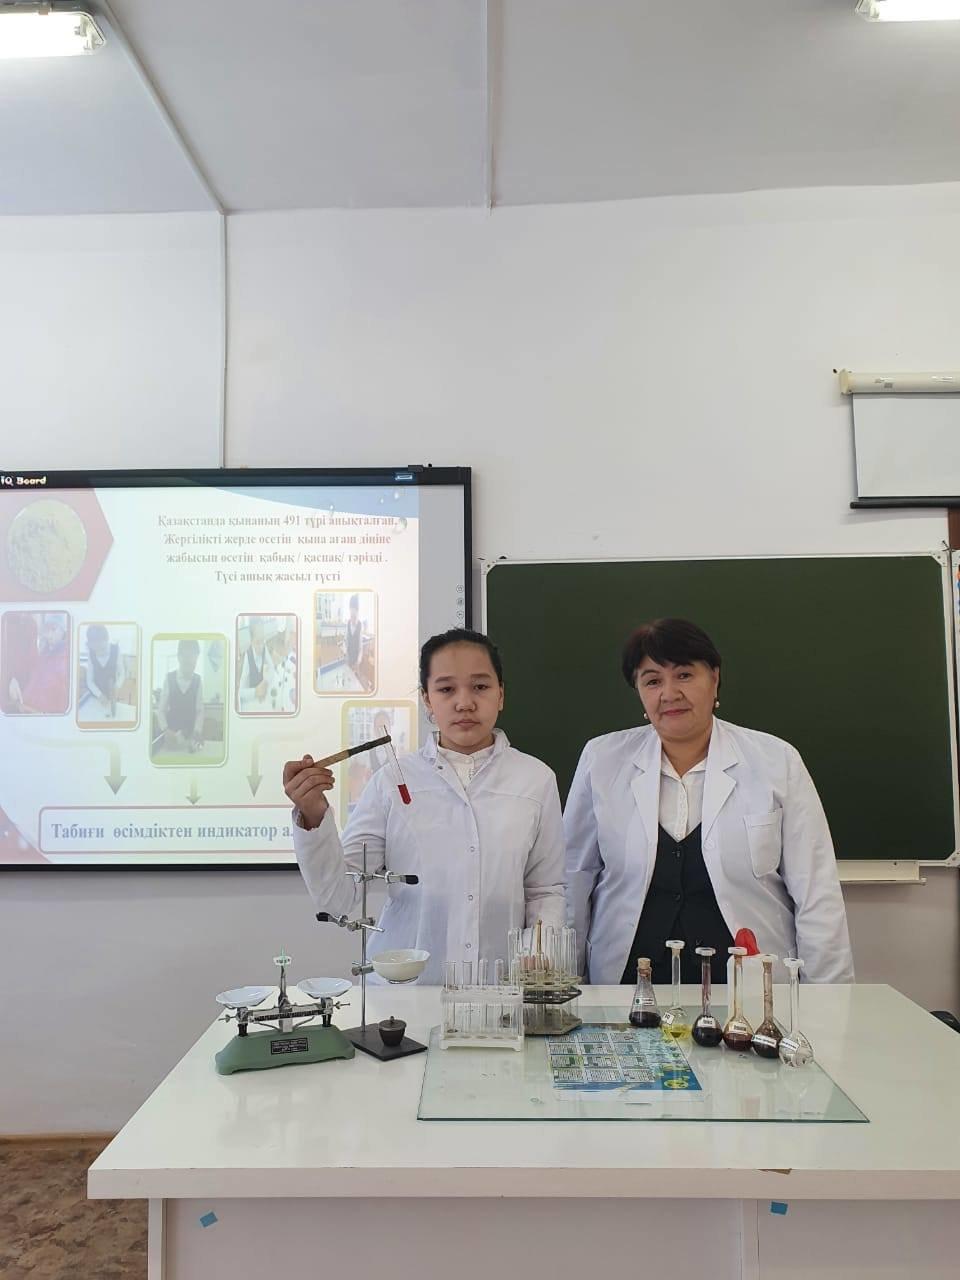 Школьница из Атырау представила способ получения красителей из растений, фото-1, Региональная служба коммуникаций Атырауской области